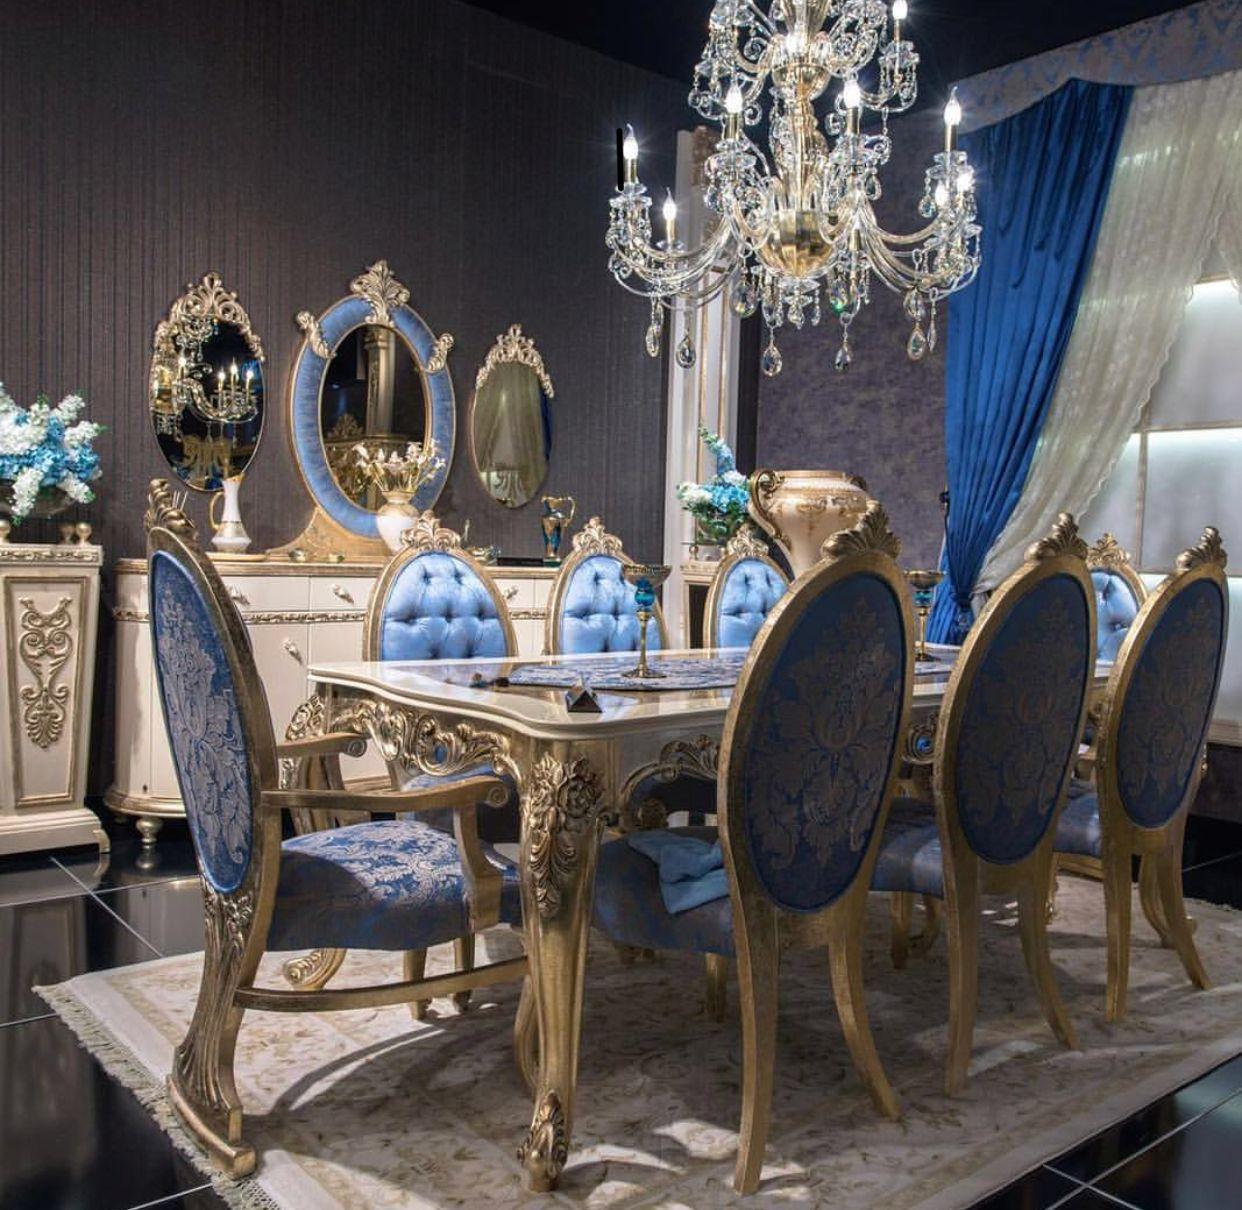 Delightful Room · Dining Room Made In Turkey